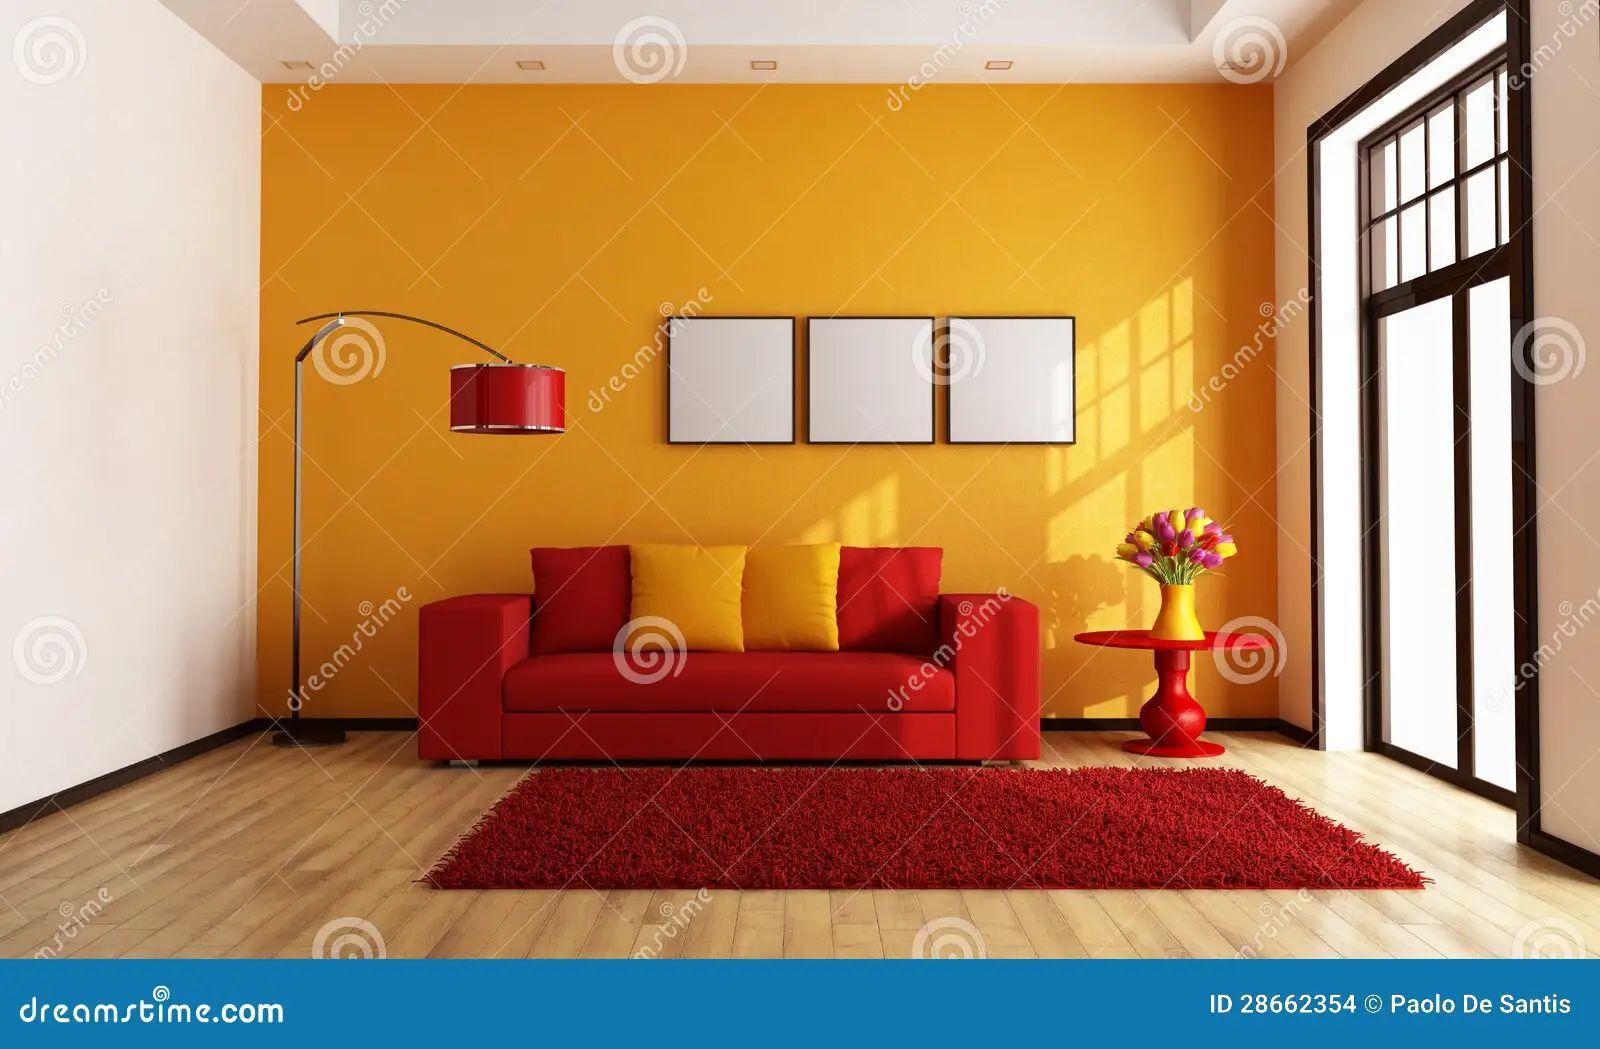 Orange curtain living room -  Living Modern Orange Red Room Download